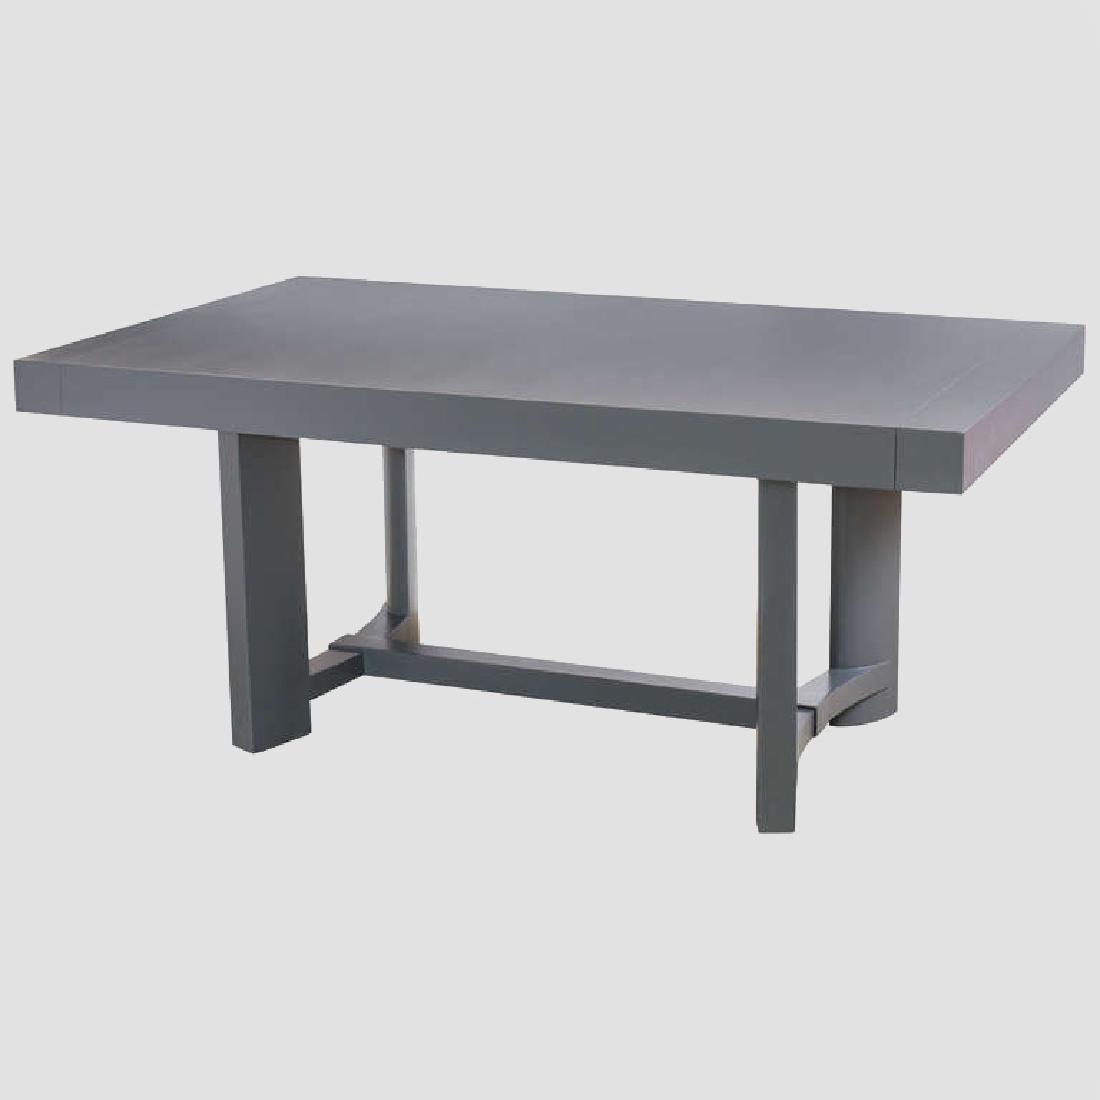 T.H.Robsjon-Gibbings Dining Table for Widdicomb